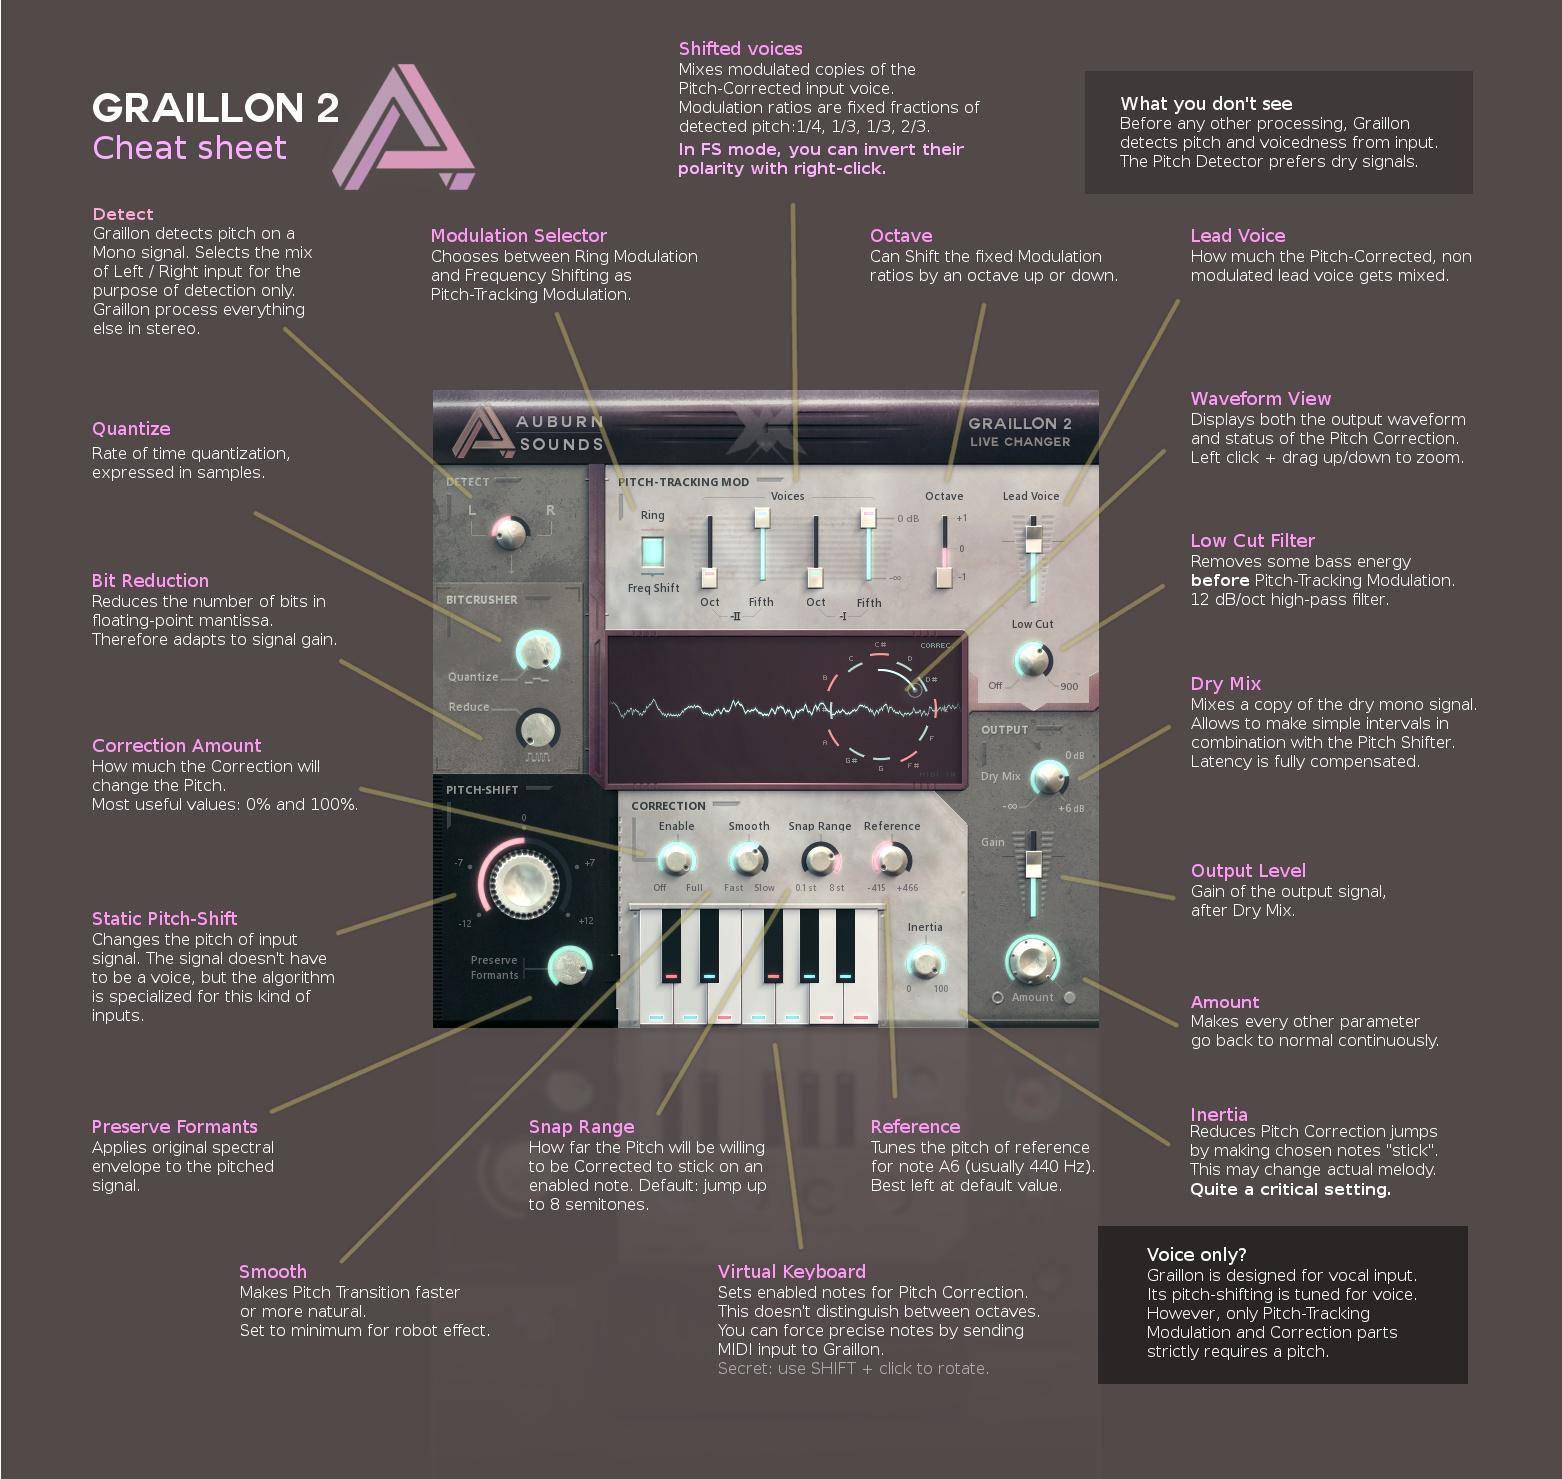 Graillon 2 Information & Guide